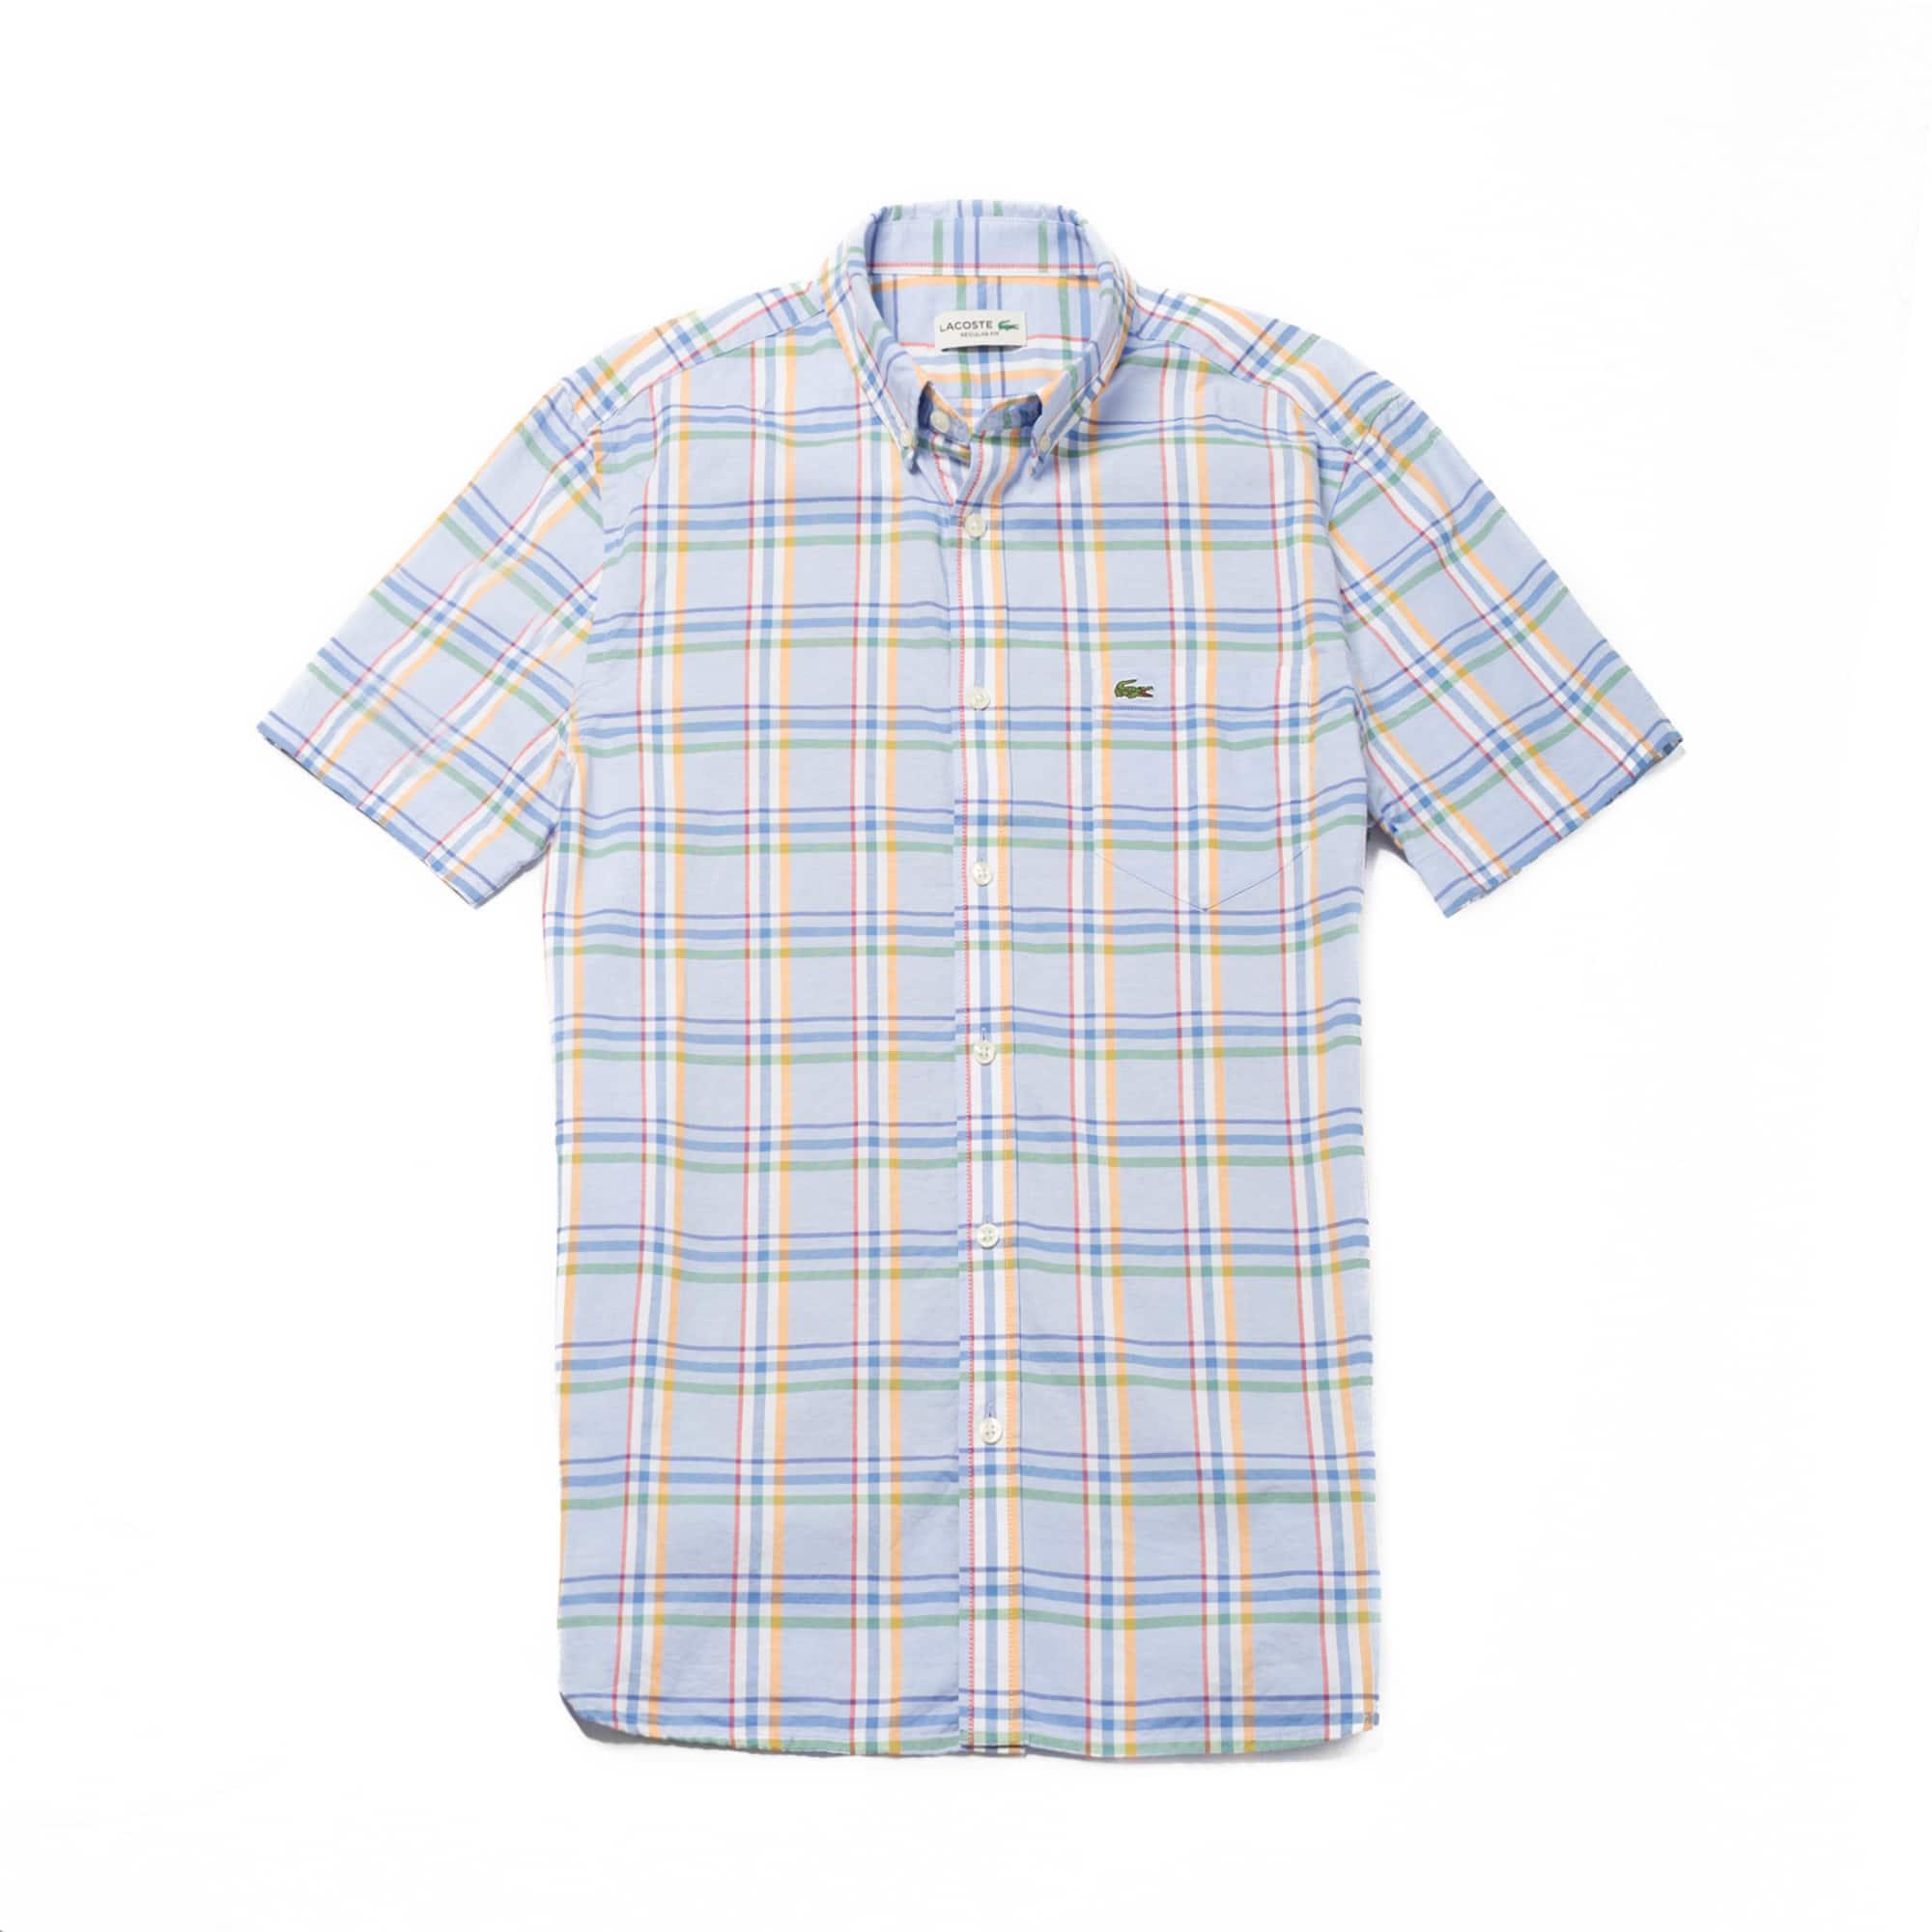 Men's Colorful Plaid Cotton Poplin Shirt